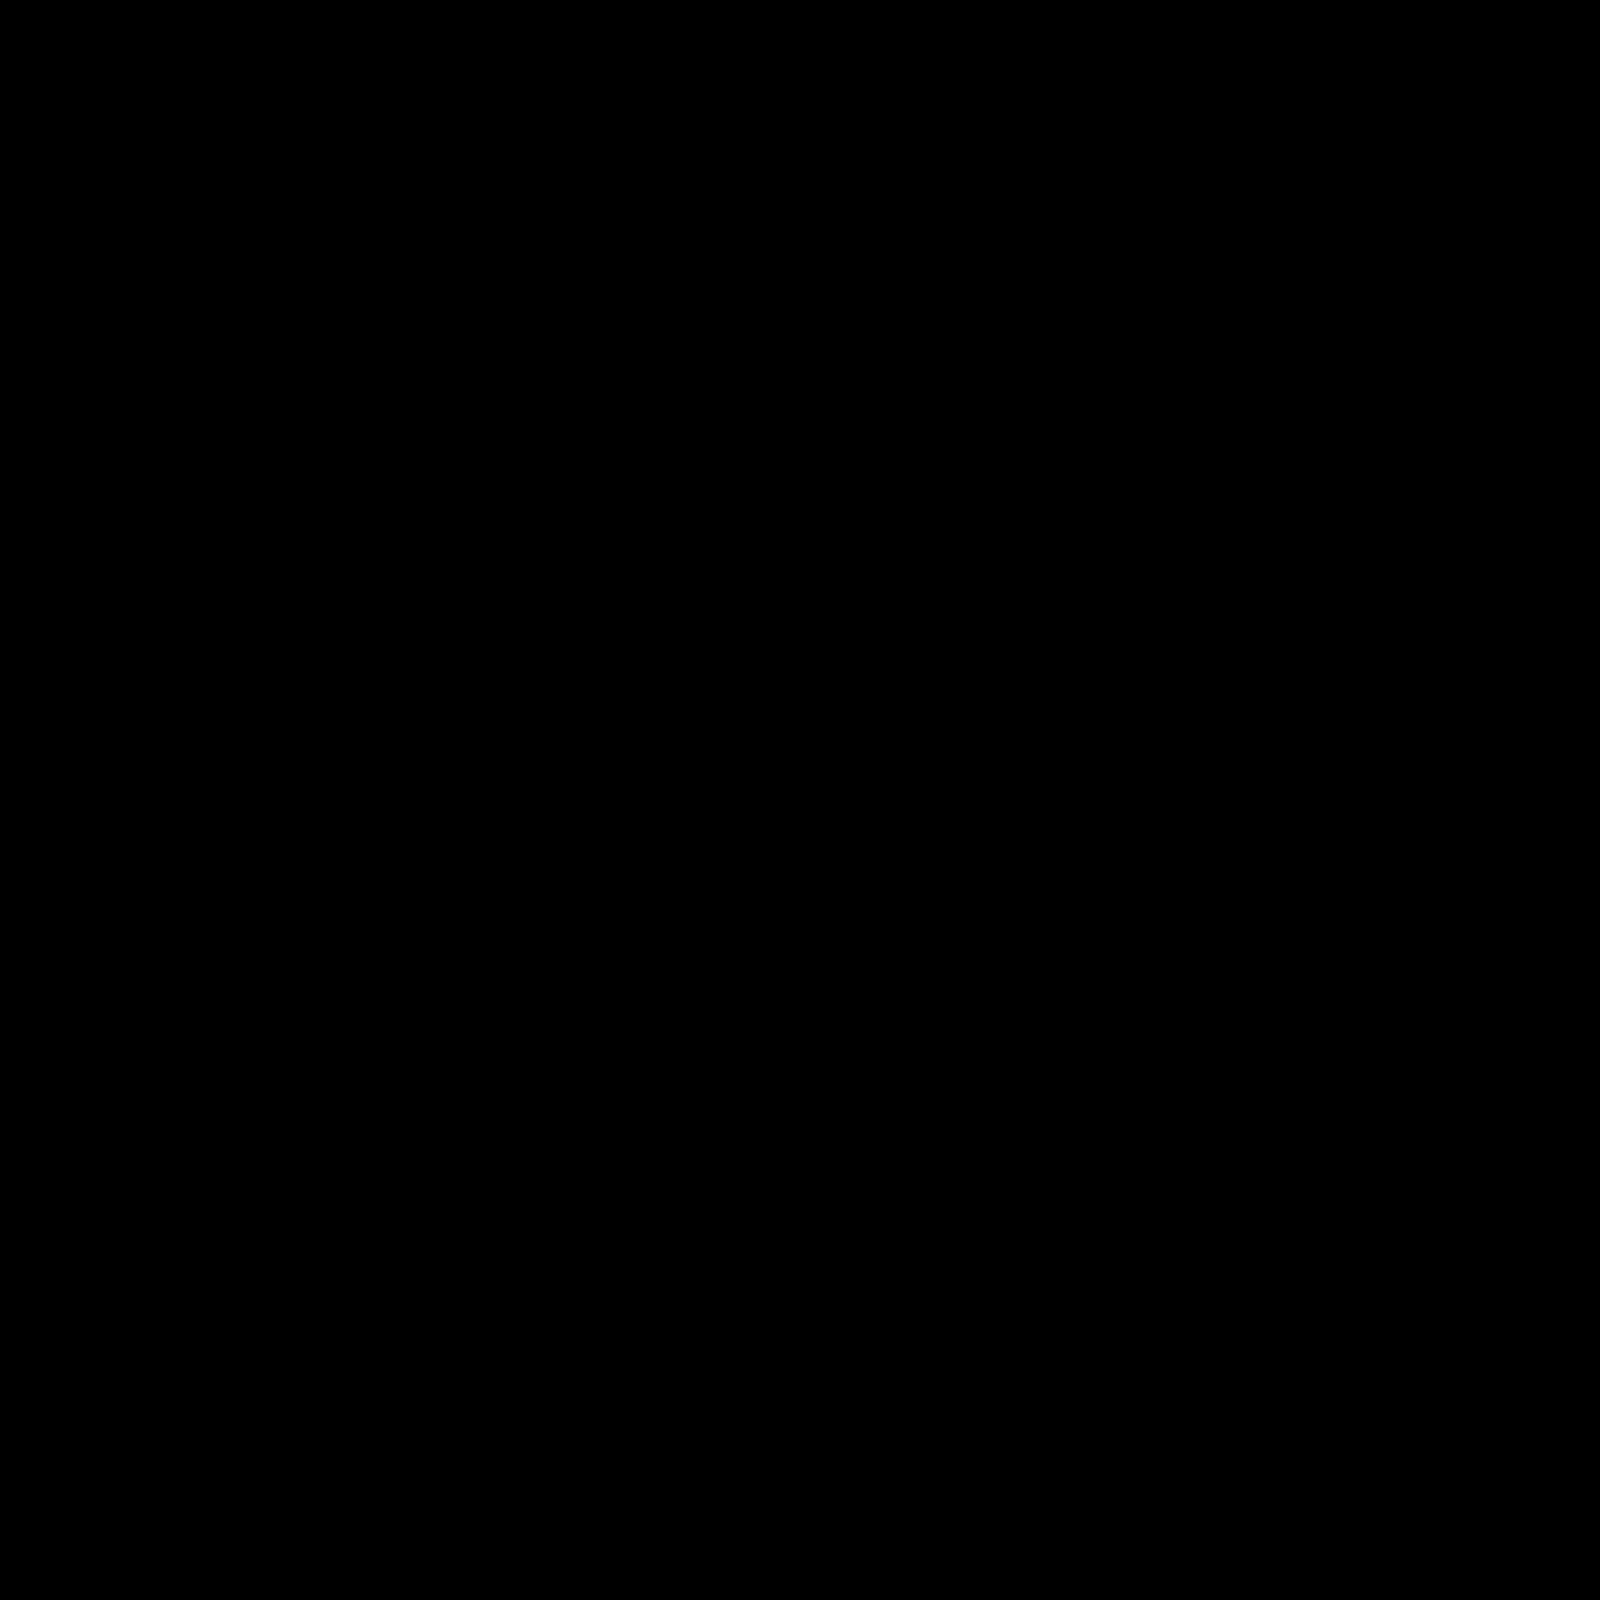 Sac d'Argent Franc icon